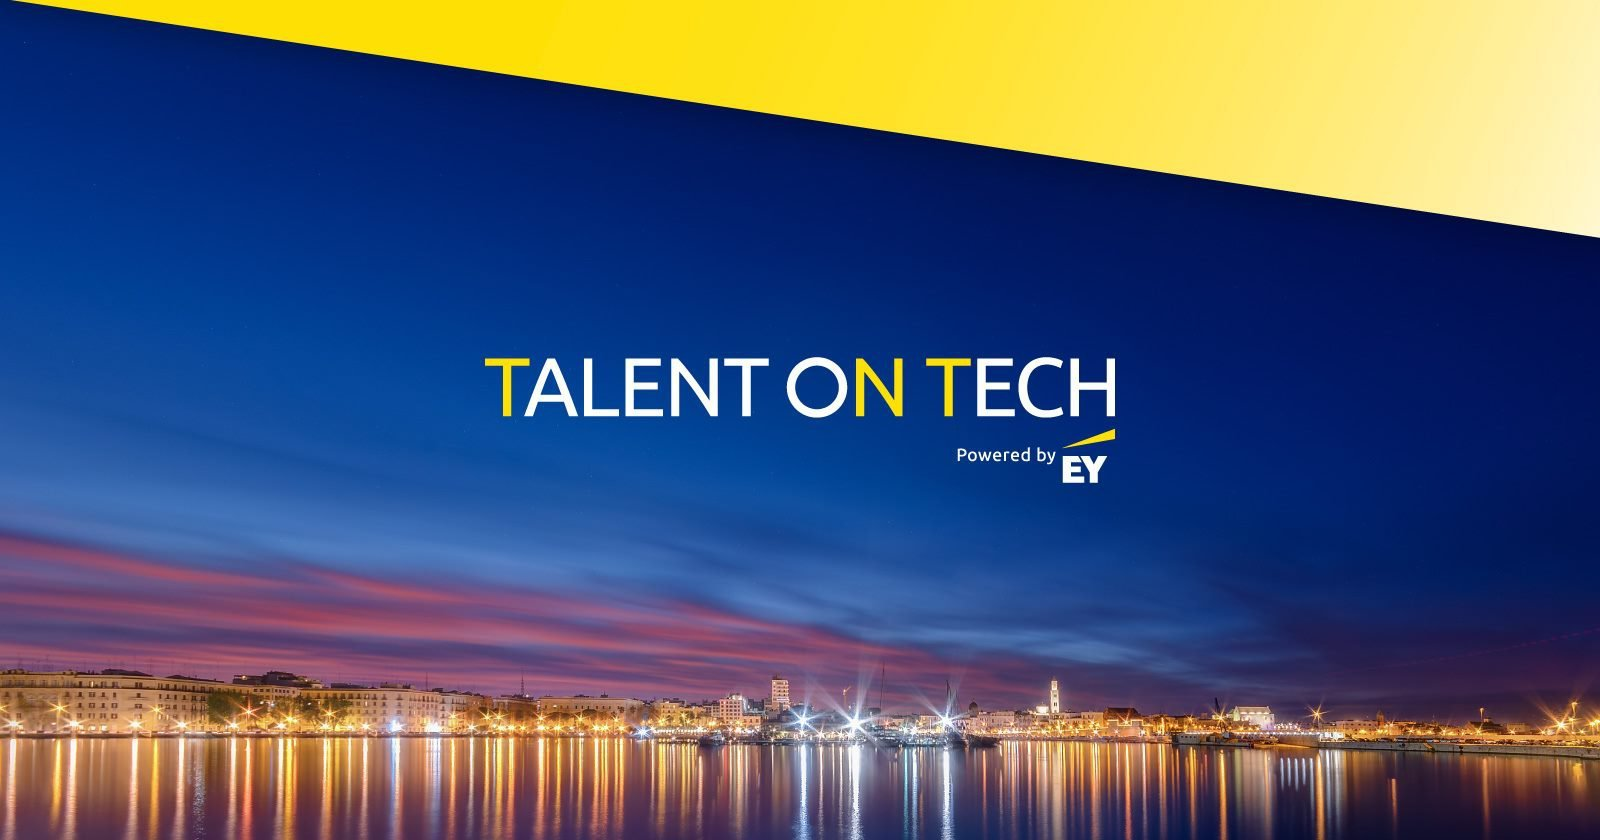 EY cerca 200 giovani talenti tech da formare al sud - Startupitalia